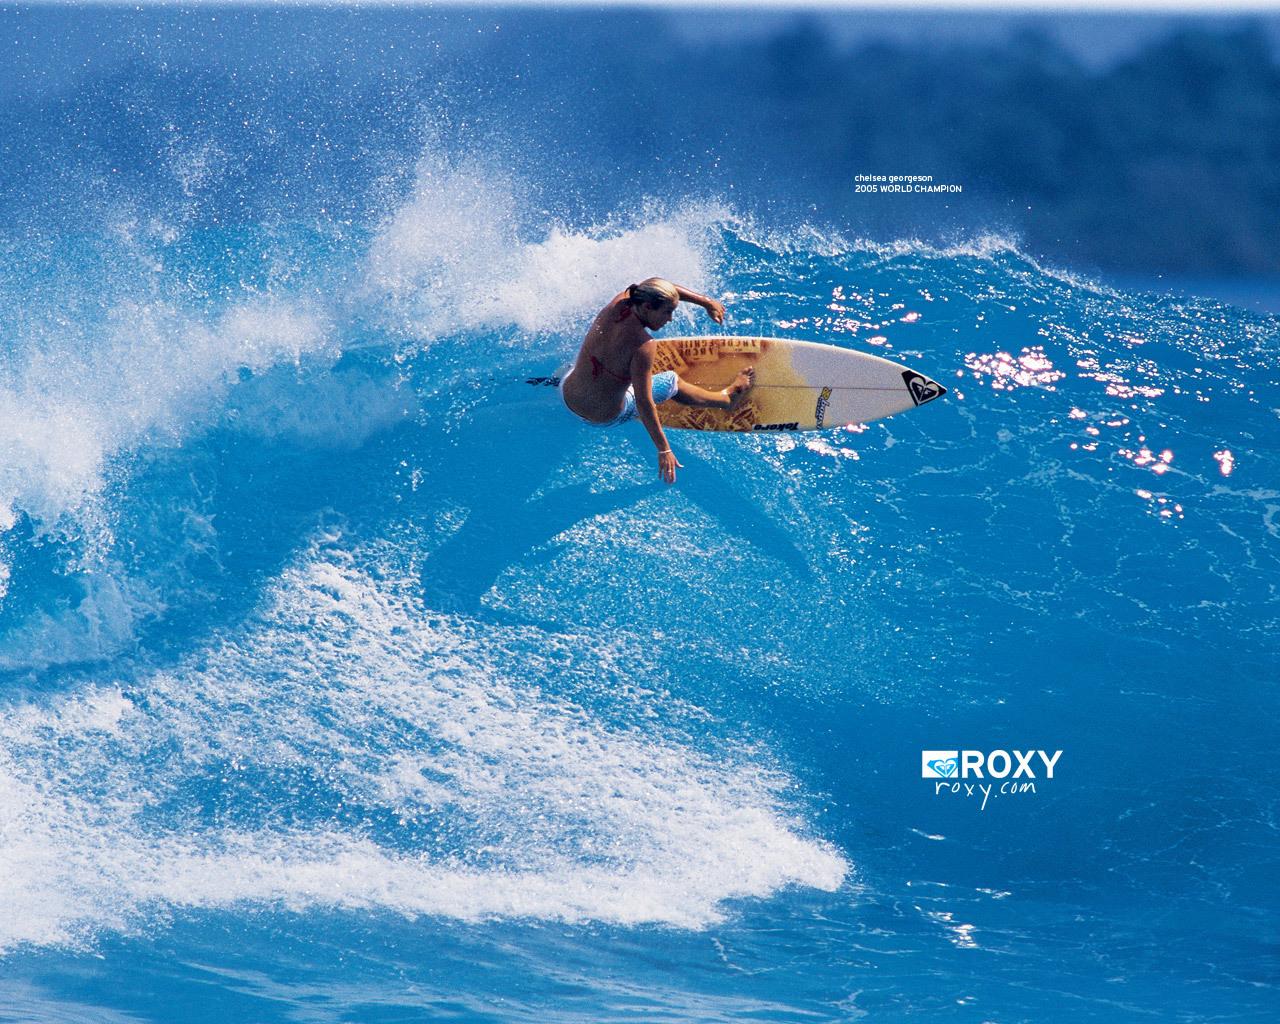 Roxy surfing   Roxy Wallpaper 921833 1280x1024